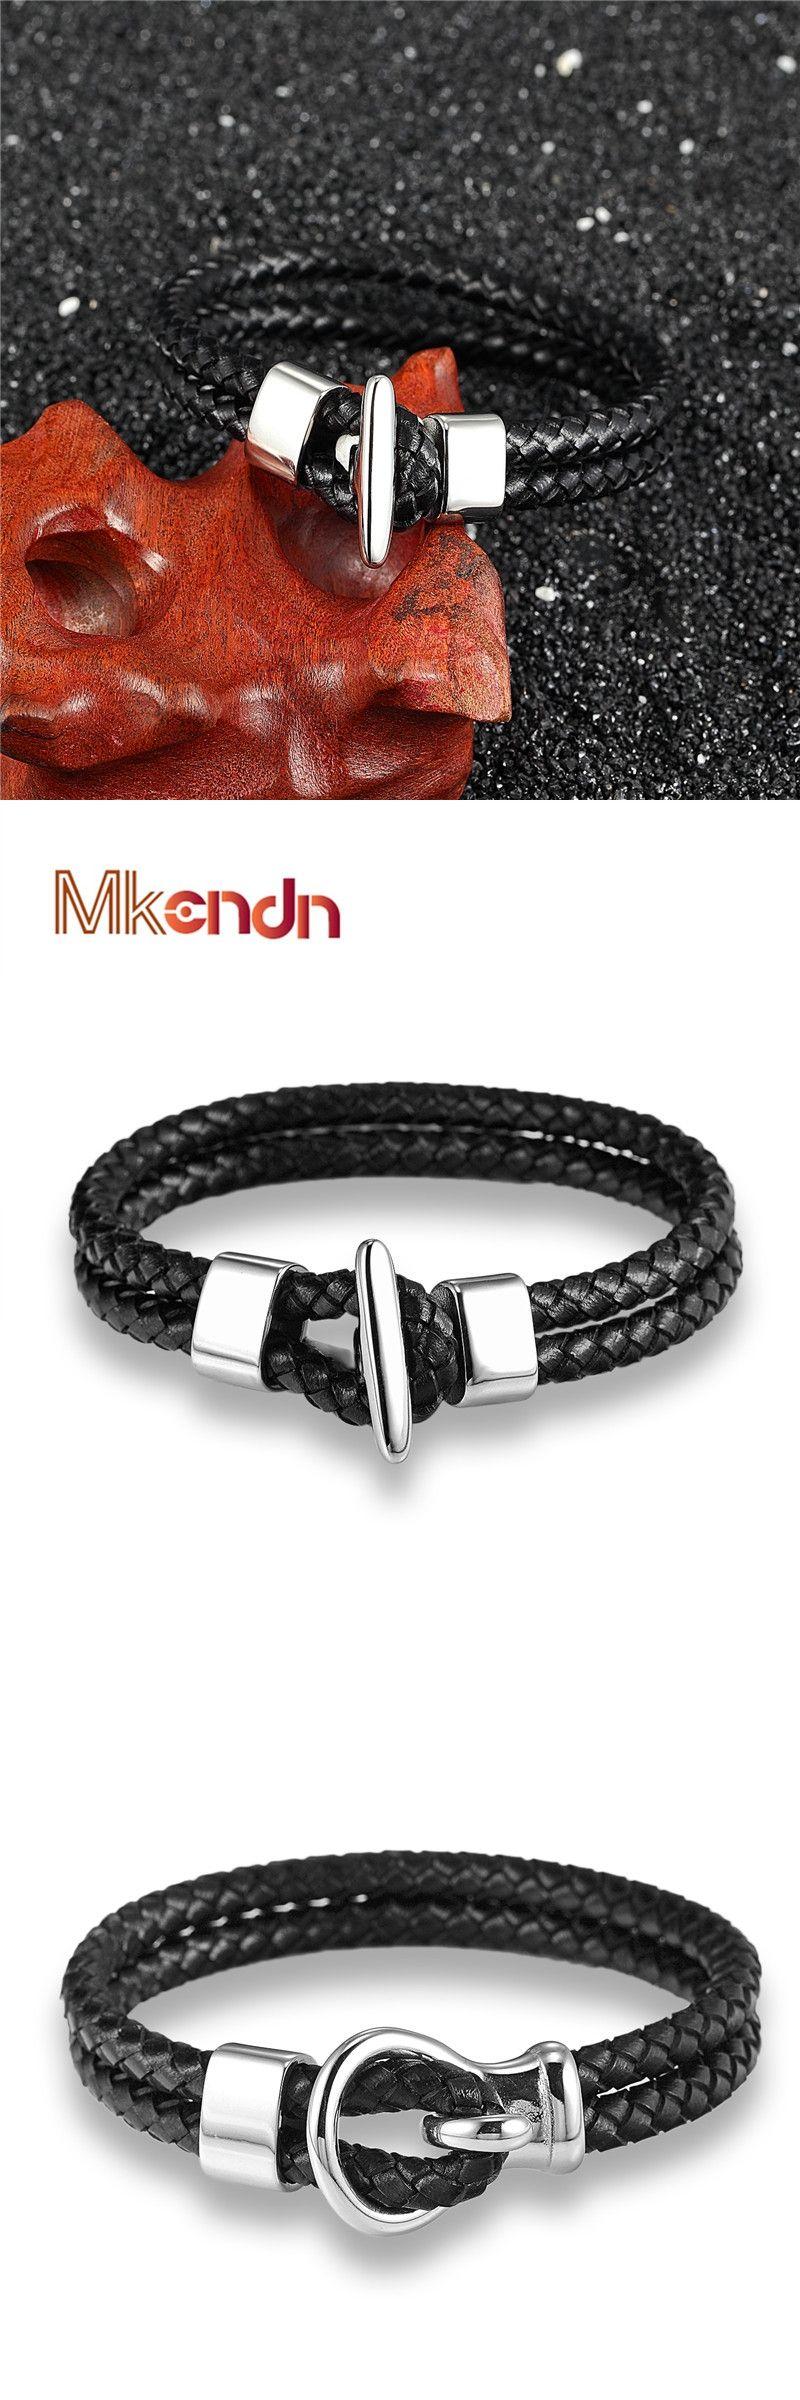 Mkendn fashion men hand bracelet multilayer black leather weave